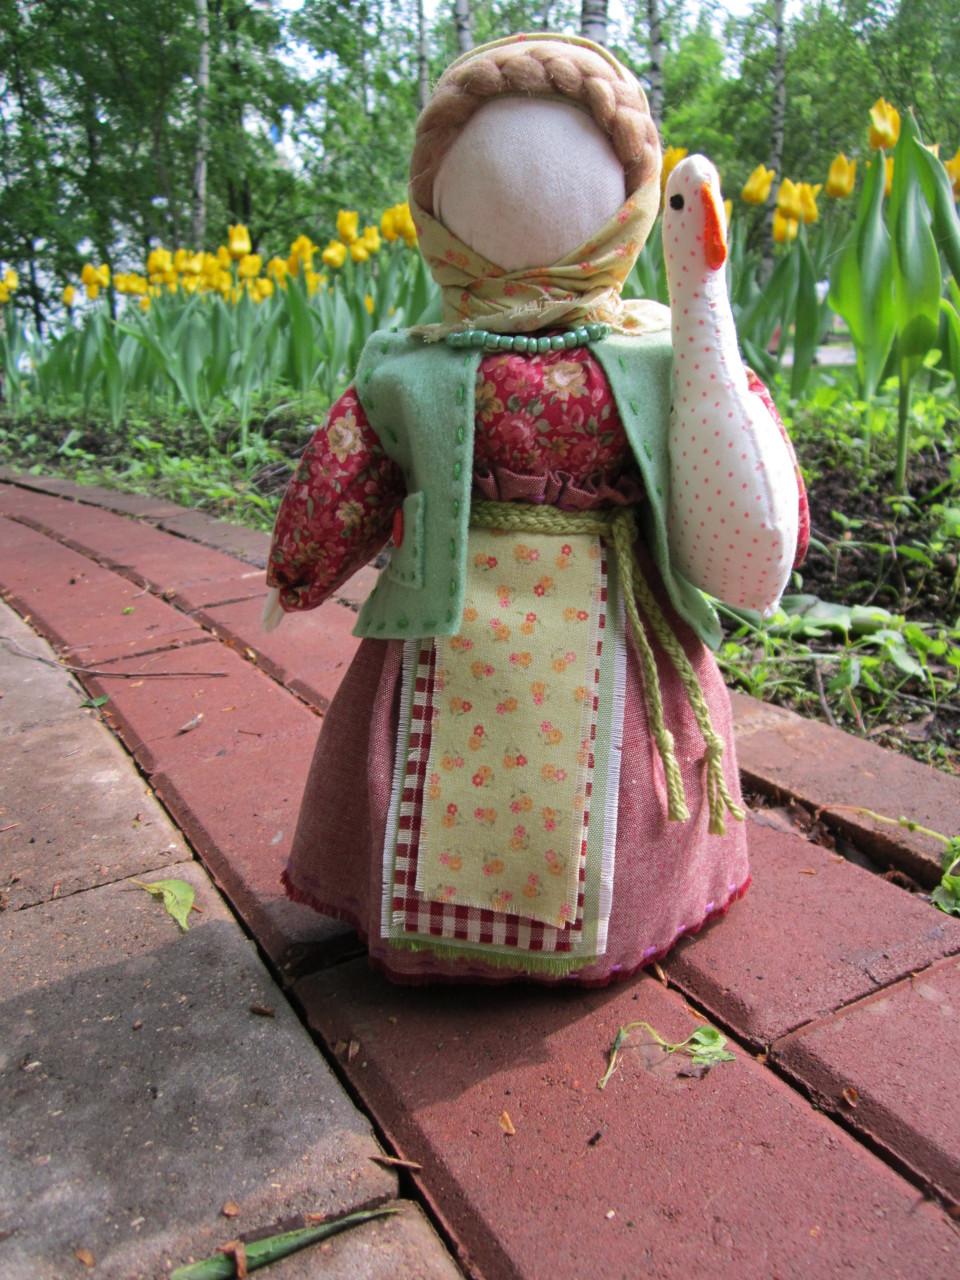 Игровые куклы- Фрося с гусём, Баба в коротайке да Ягодка.